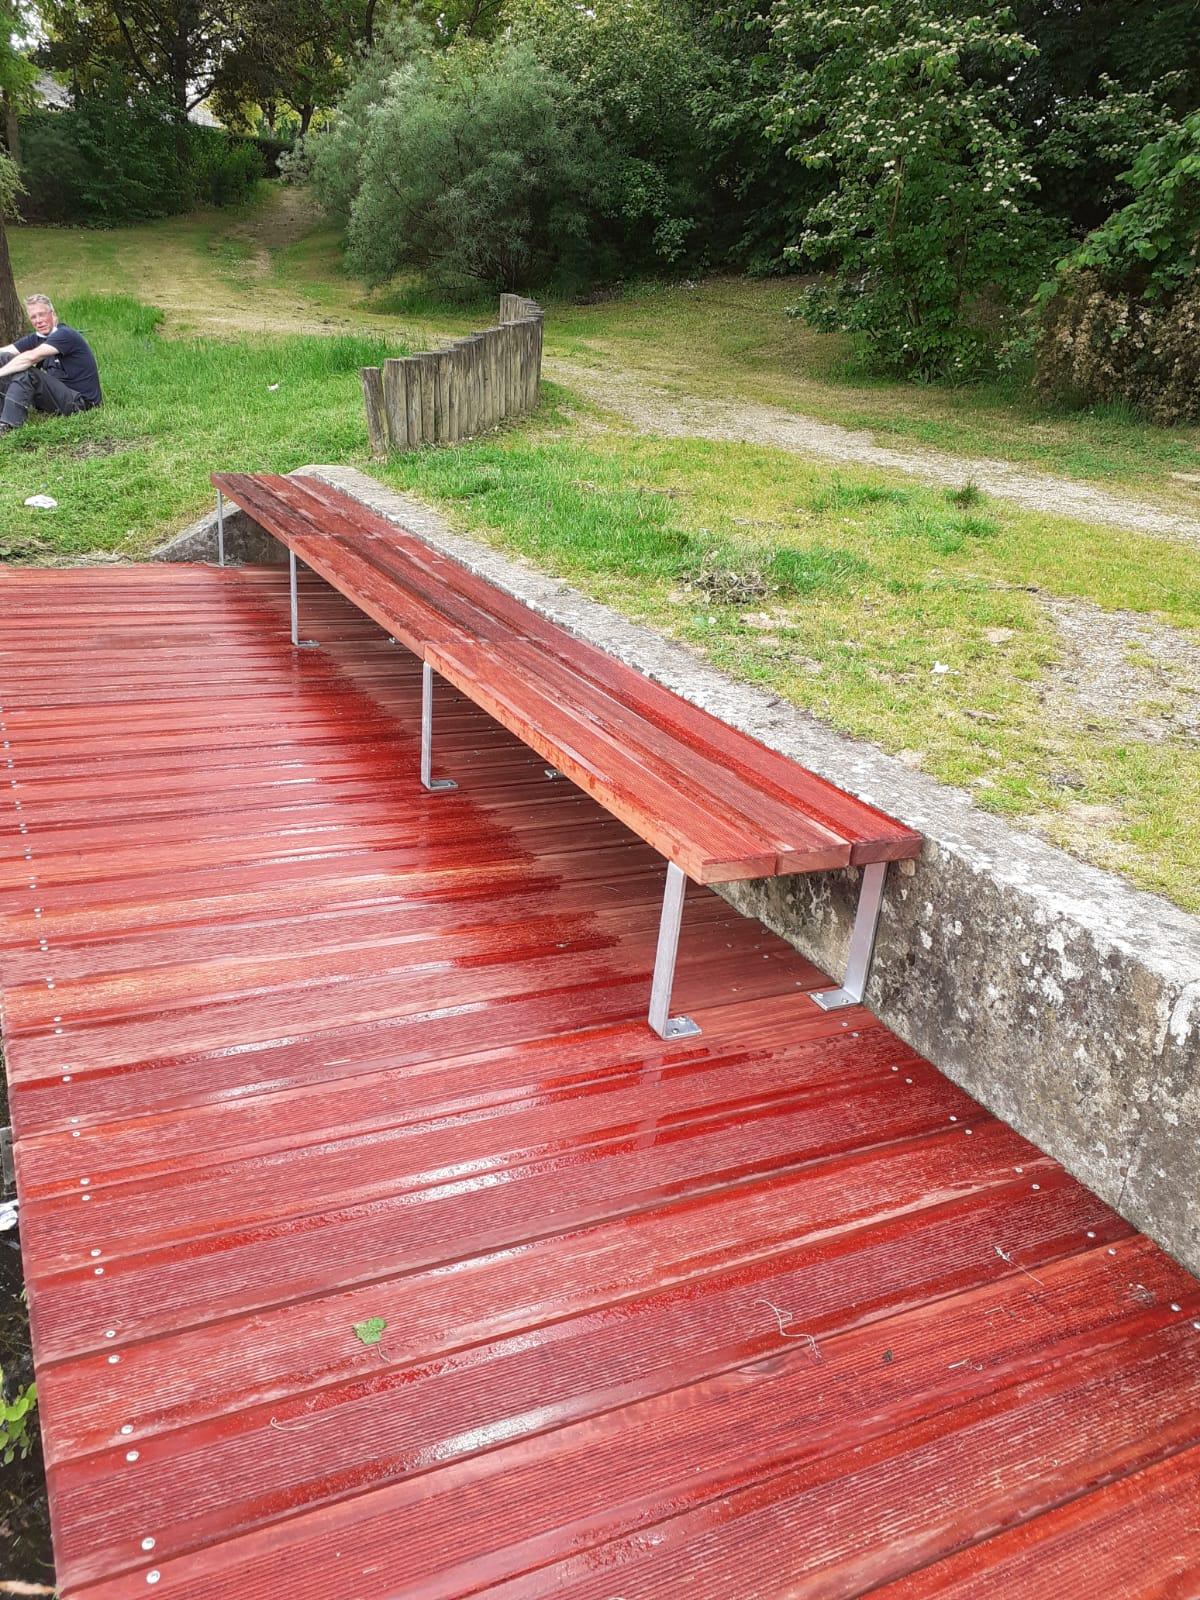 Cheminement bois en lames striées anti-dérapantes et banquette assortie en padouk rouge